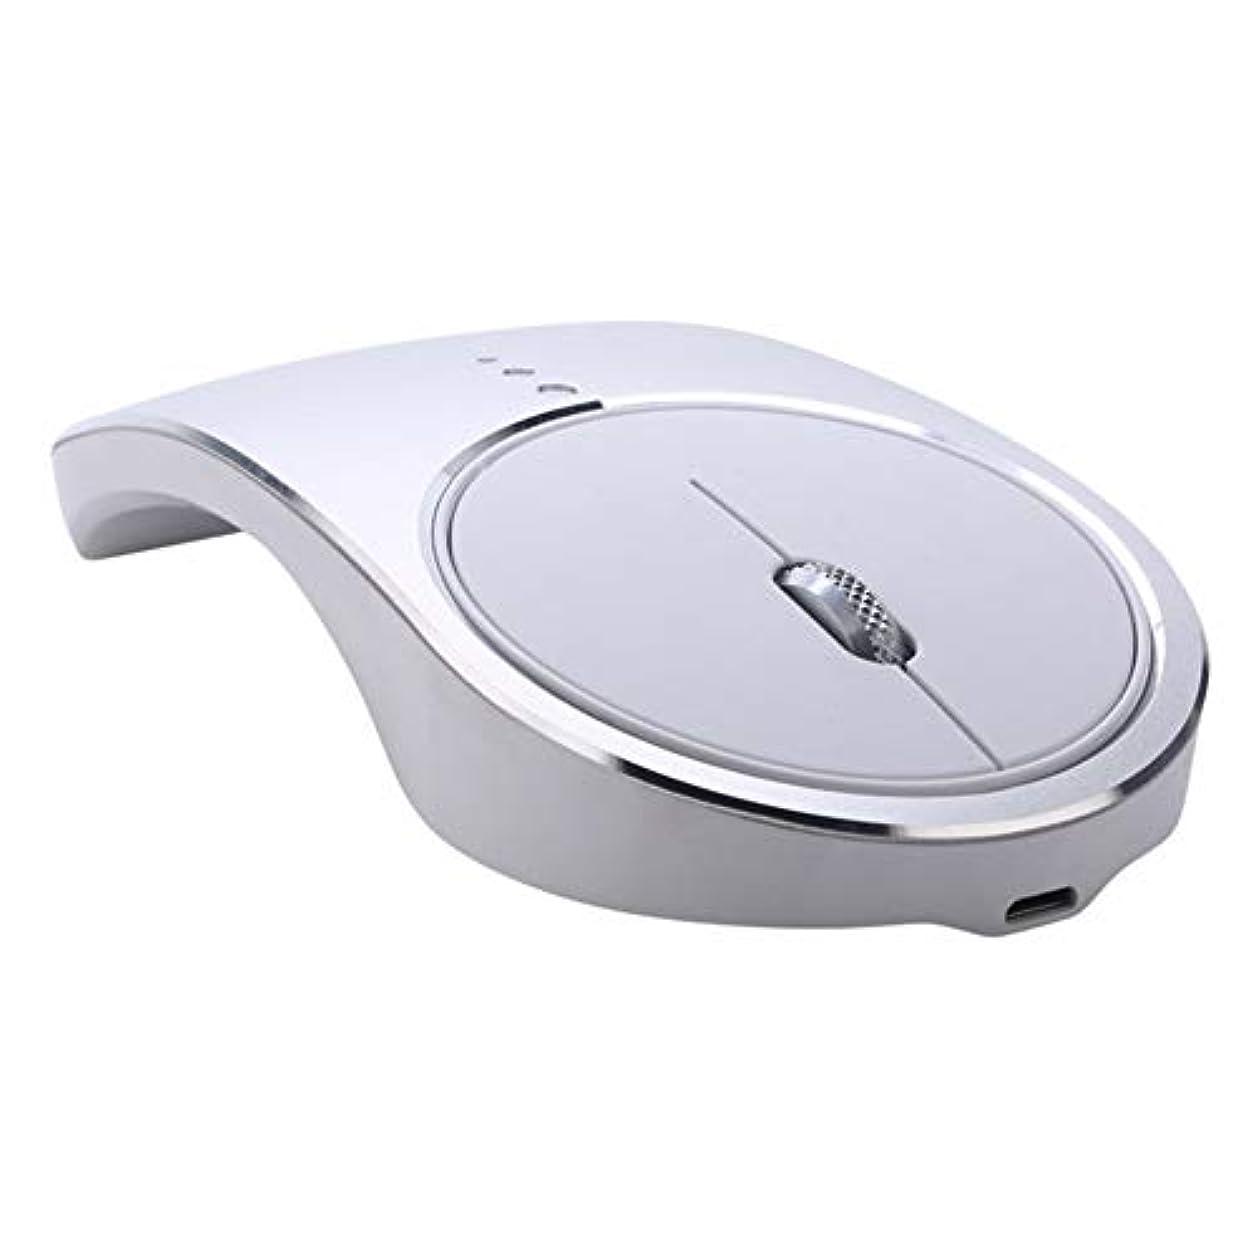 踊り子クローントークンYQMS1100 USB4つのボタン、ラップトップとPCのための3つの調整可能なDPIレベルによるYQJK - 110充電式ラップトップ無線ゲームマウス光学式マウス